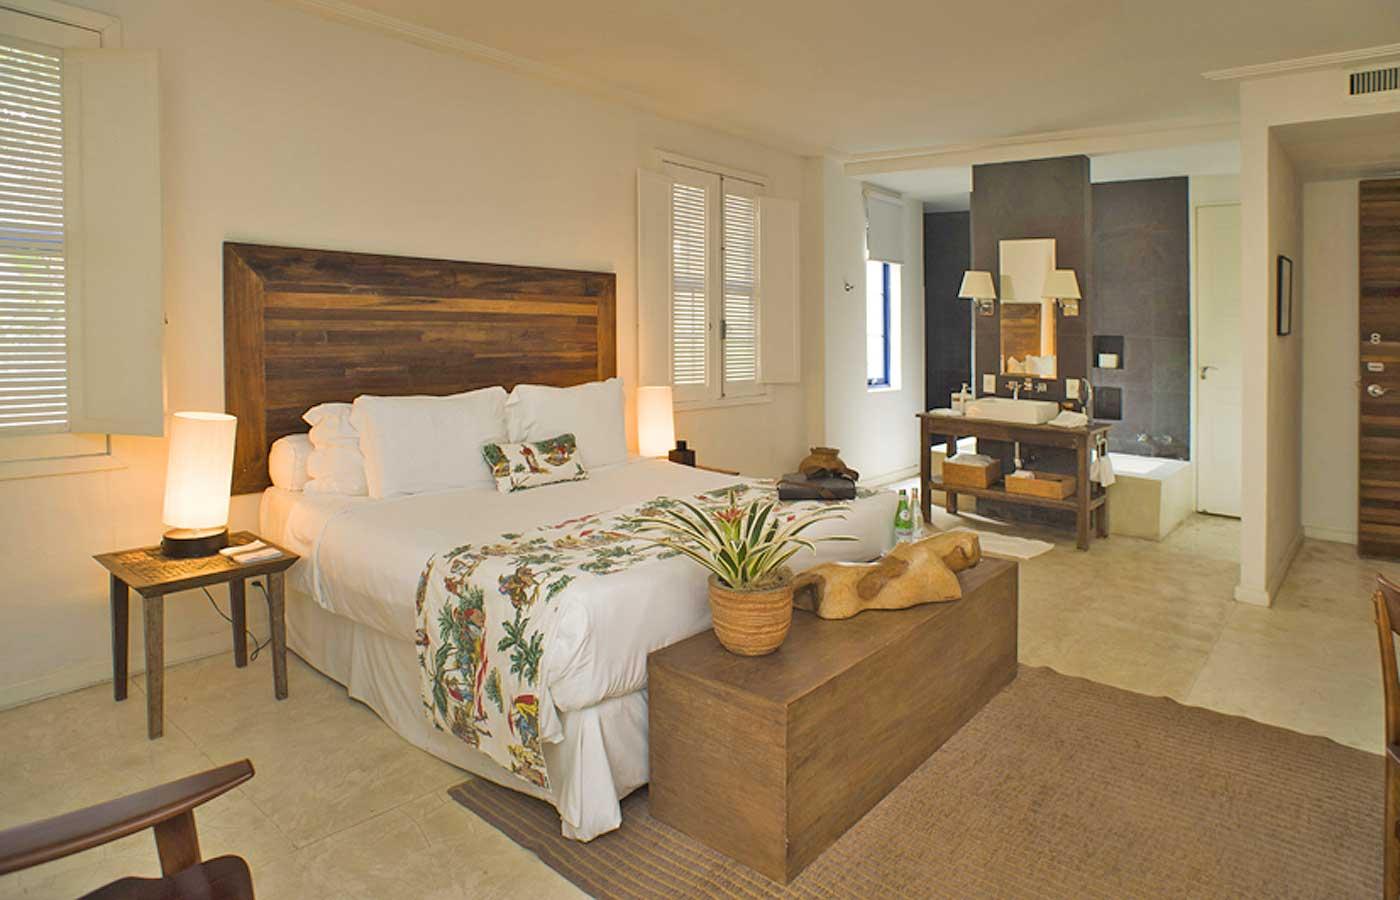 Hotel Santa Teresa MGallery - Luxury holidays to Rio de Janeiro, Brazil